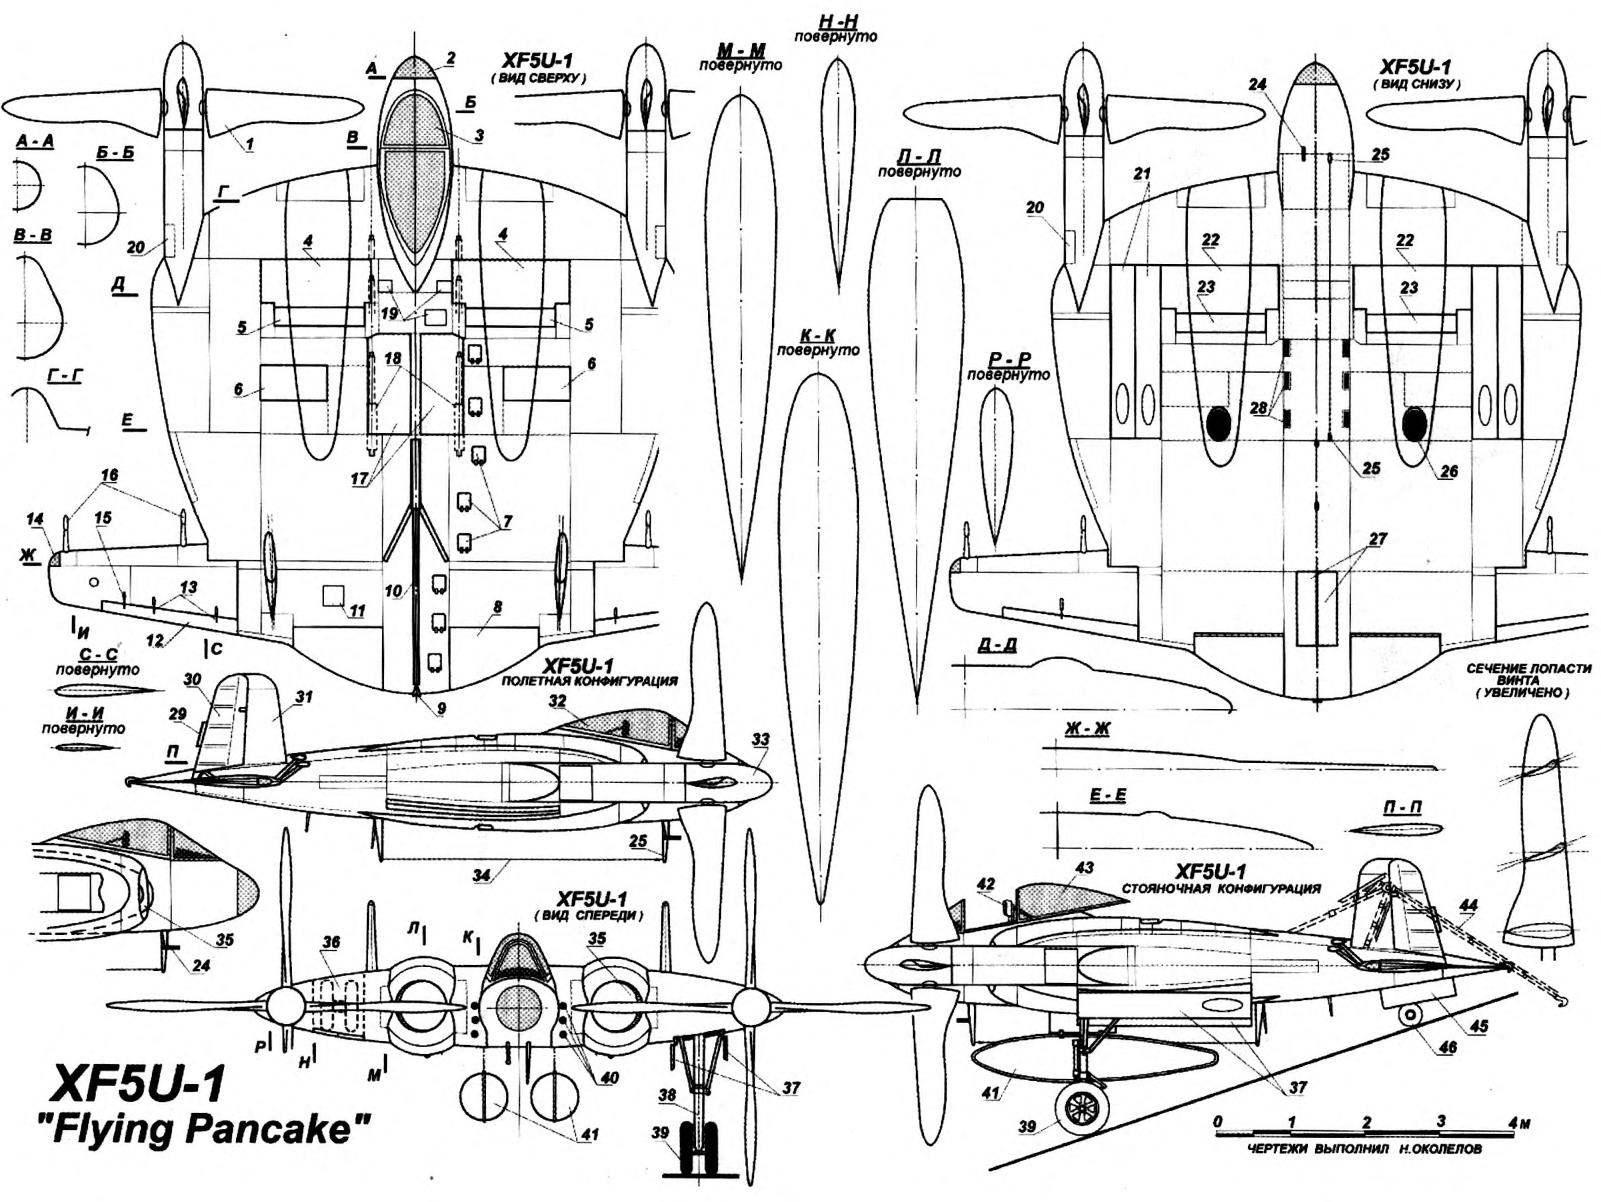 Палубный истребитель XF5U-1